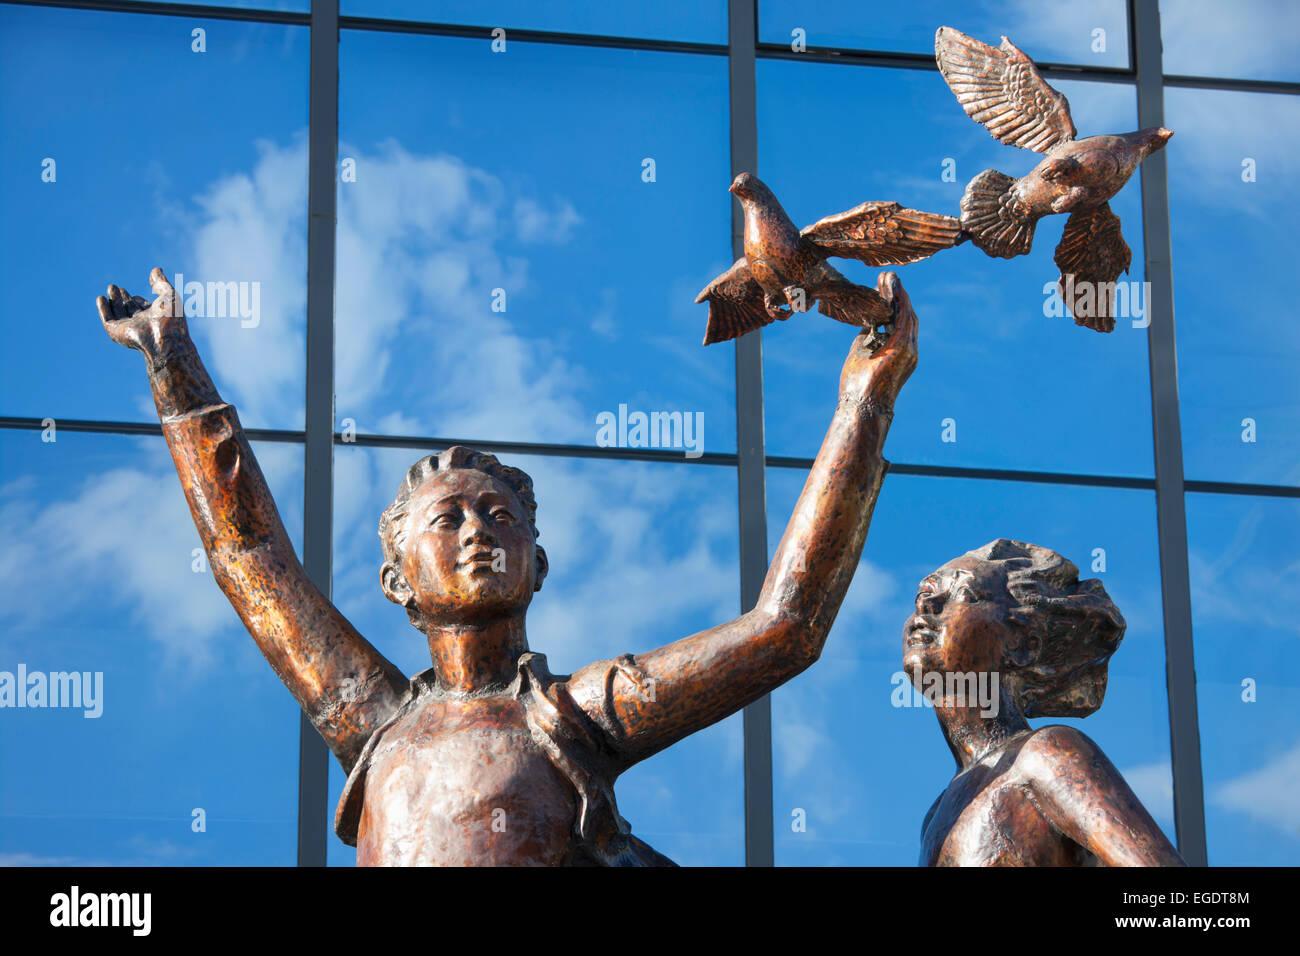 La paz y la amistad, la Estatua de la Paz Avenida; en Ulan Bator, Mongolia Imagen De Stock